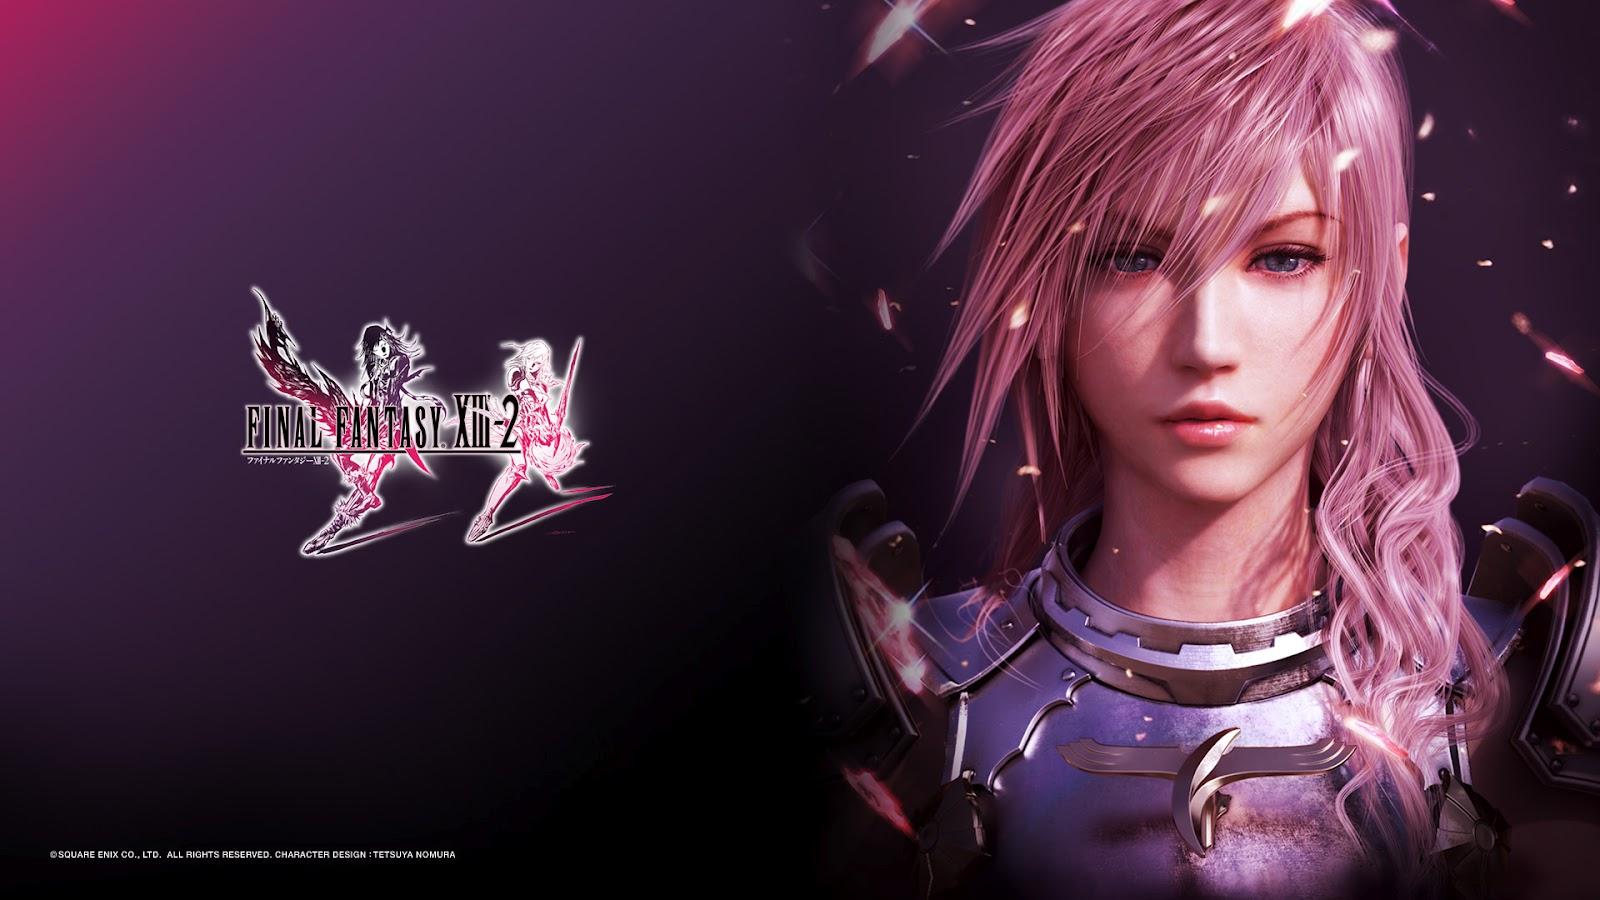 http://4.bp.blogspot.com/-mjjBCu-0EkQ/UBTu-1hNzTI/AAAAAAAAESk/N2iCbfDJtEU/s1600/Final-Fantasy-13-2-Wallpaper-7.jpg